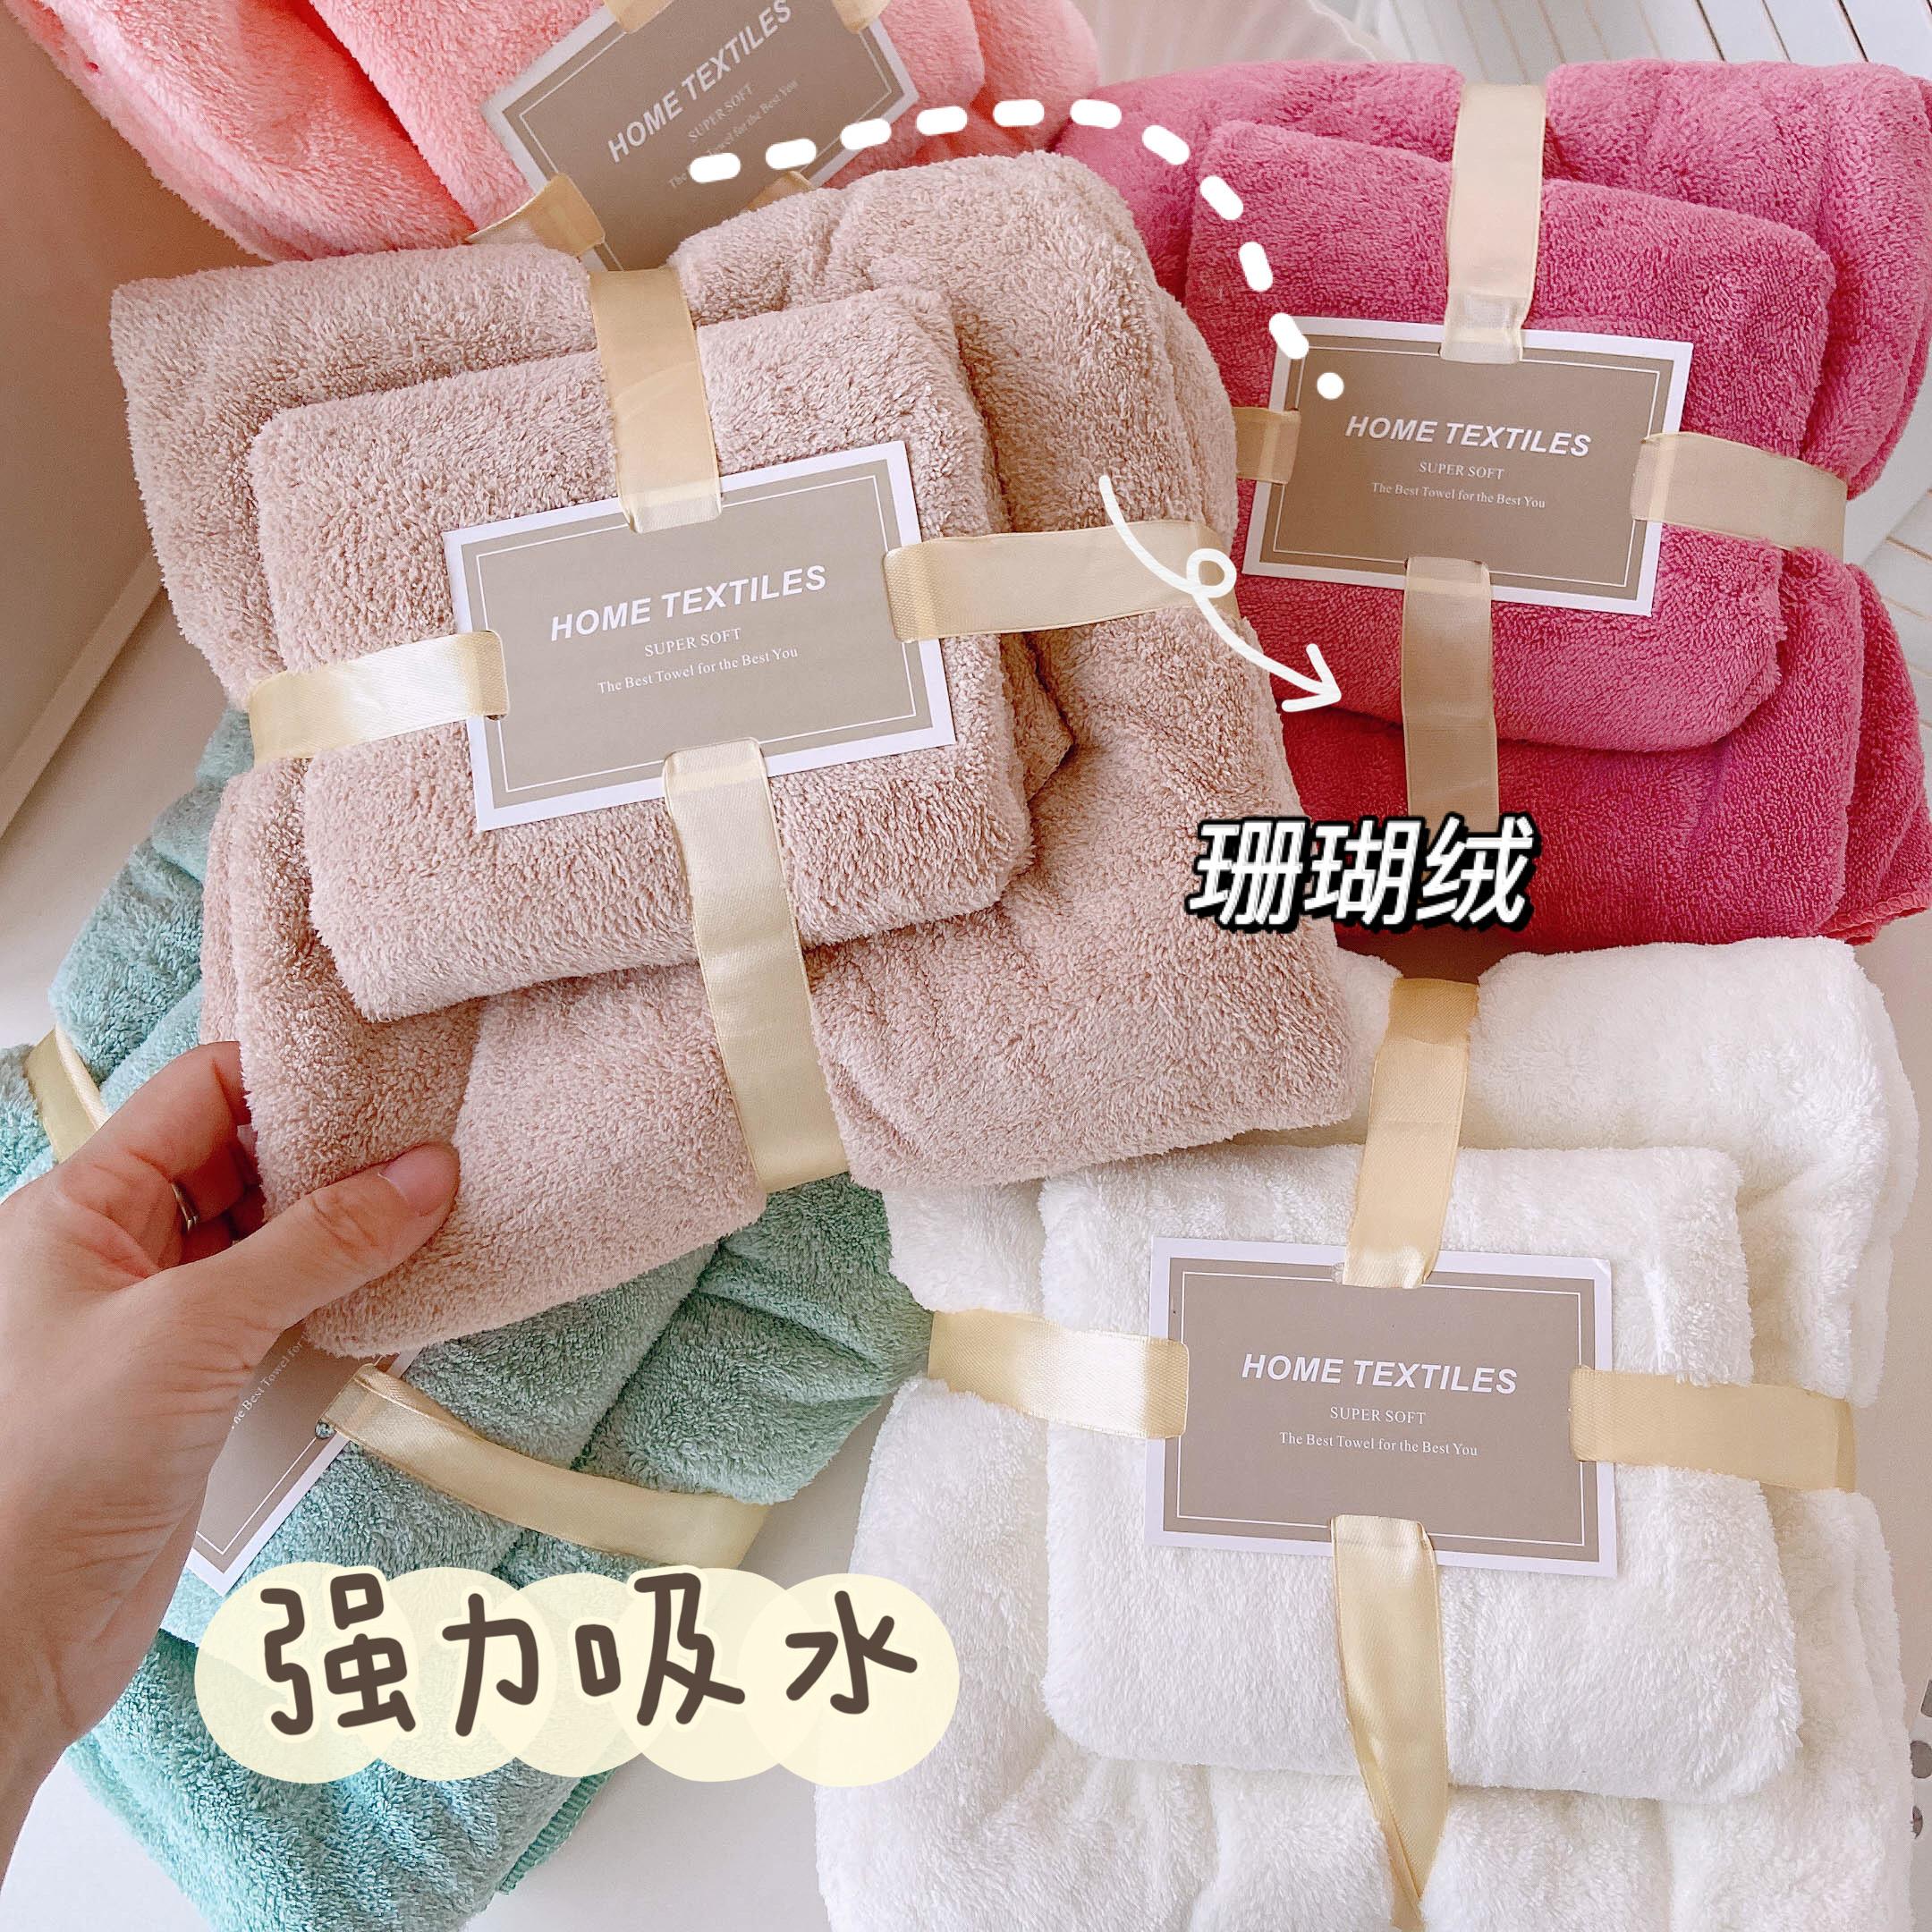 毛巾浴巾二件套可爱大号洗脸家用吸水洗脸巾学生宿舍手巾洗澡方巾